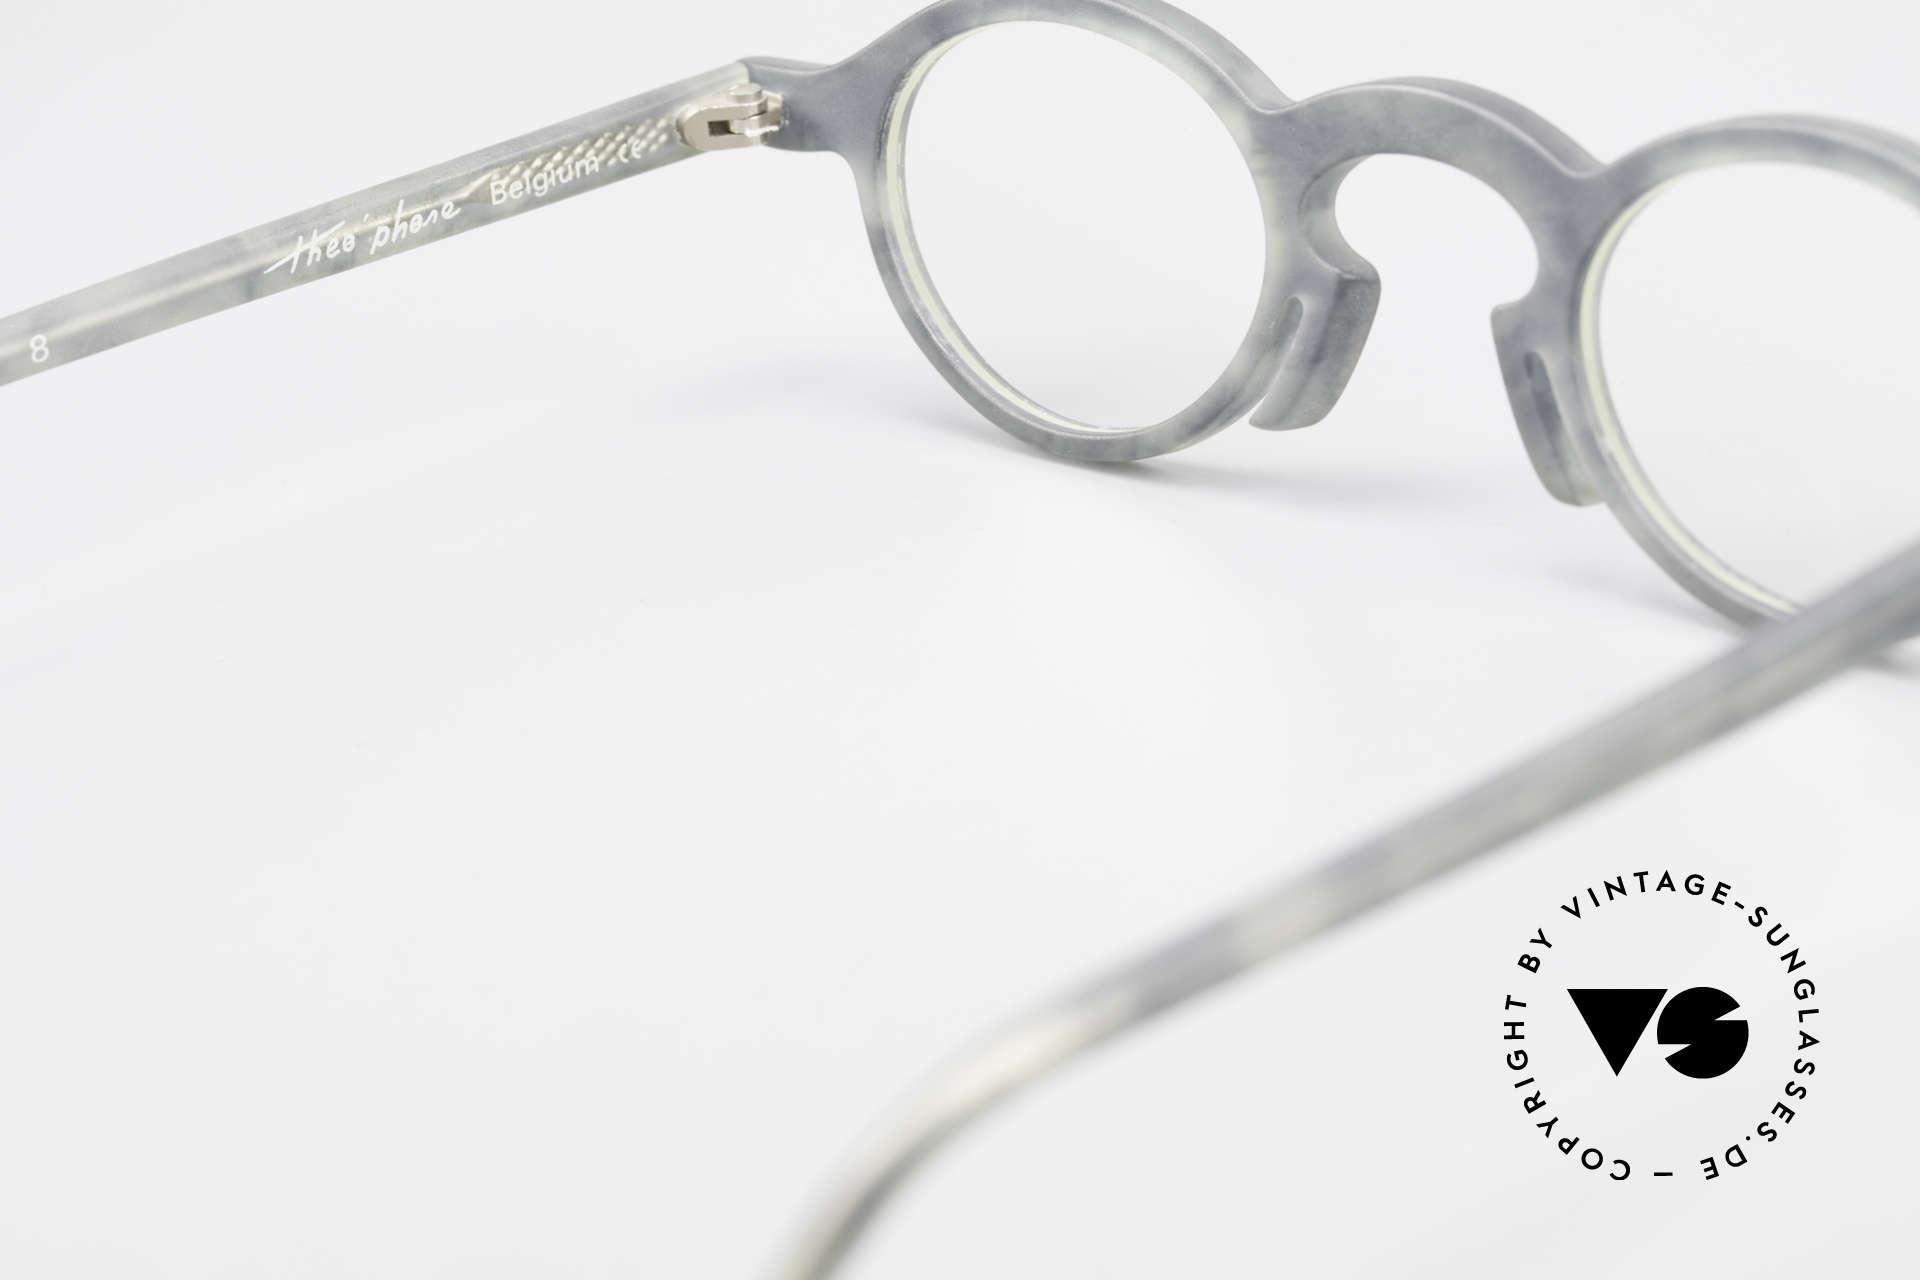 Theo Belgium Phone Interessantes Brillenmuster, sozusagen: eine Designer-Brille mit Symbol-Charakter, Passend für Herren und Damen